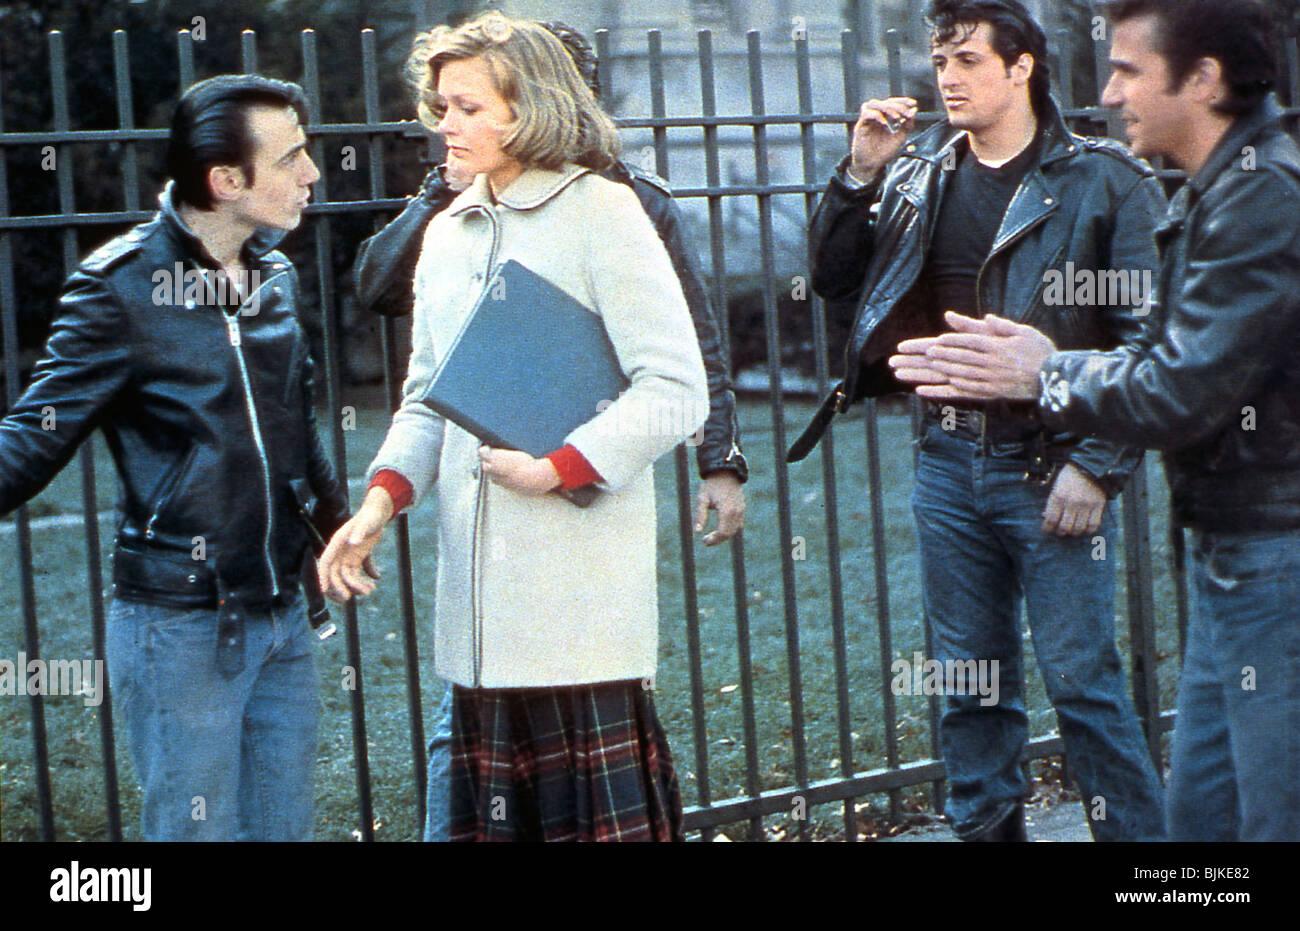 Henry winkler divorced - Henry Winkler Die Lords Of Flatbush 1974 Paul Mace Sylvester Stallone Henry Winkler Perry